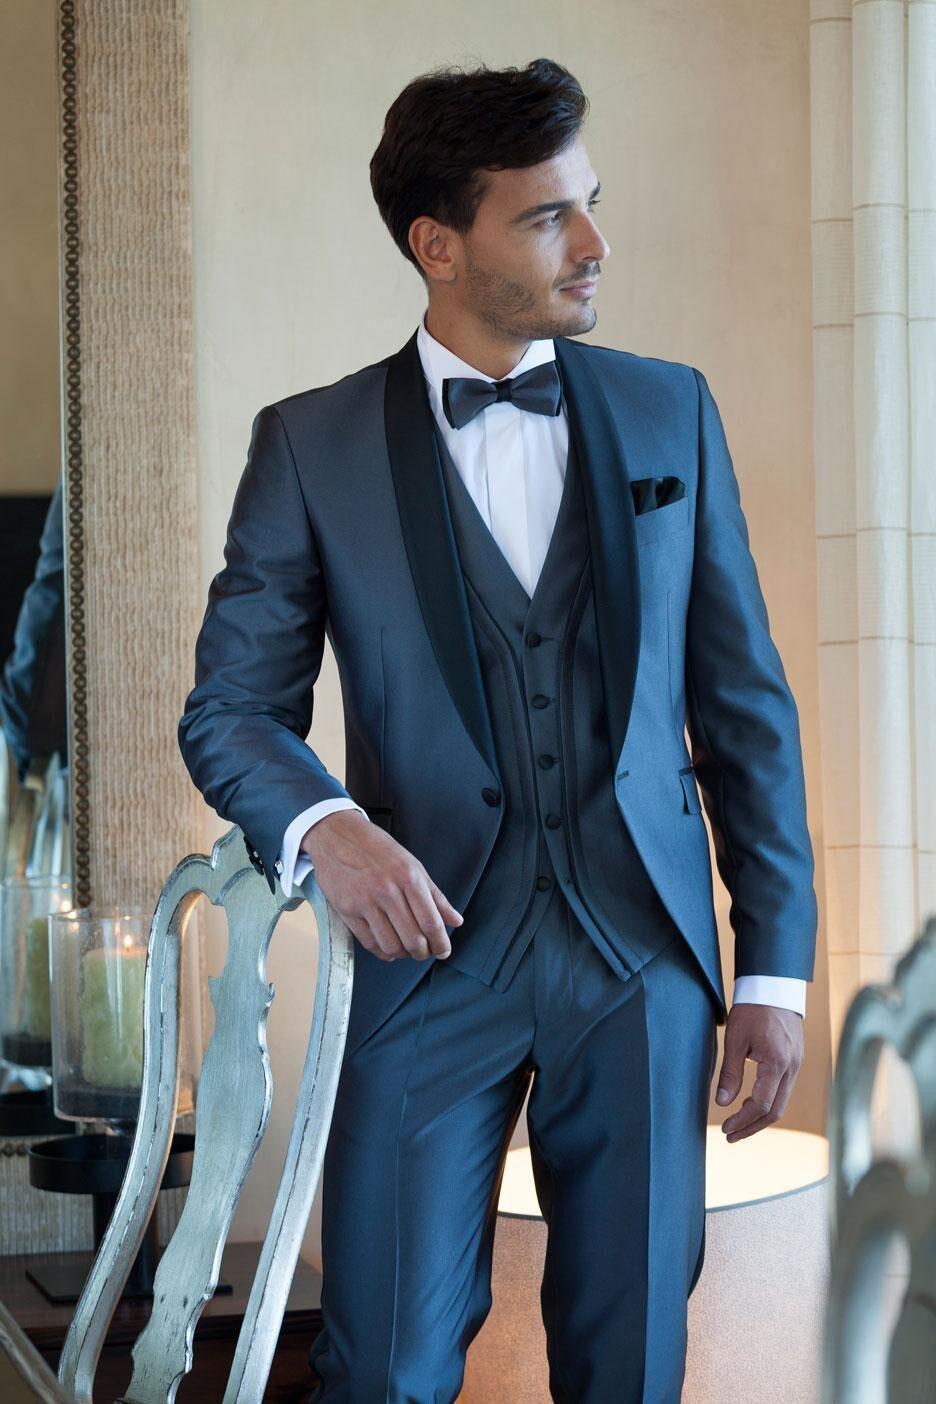 Venta caliente barato azul marino trajes para hombre personalizados - Ropa de hombre - foto 4